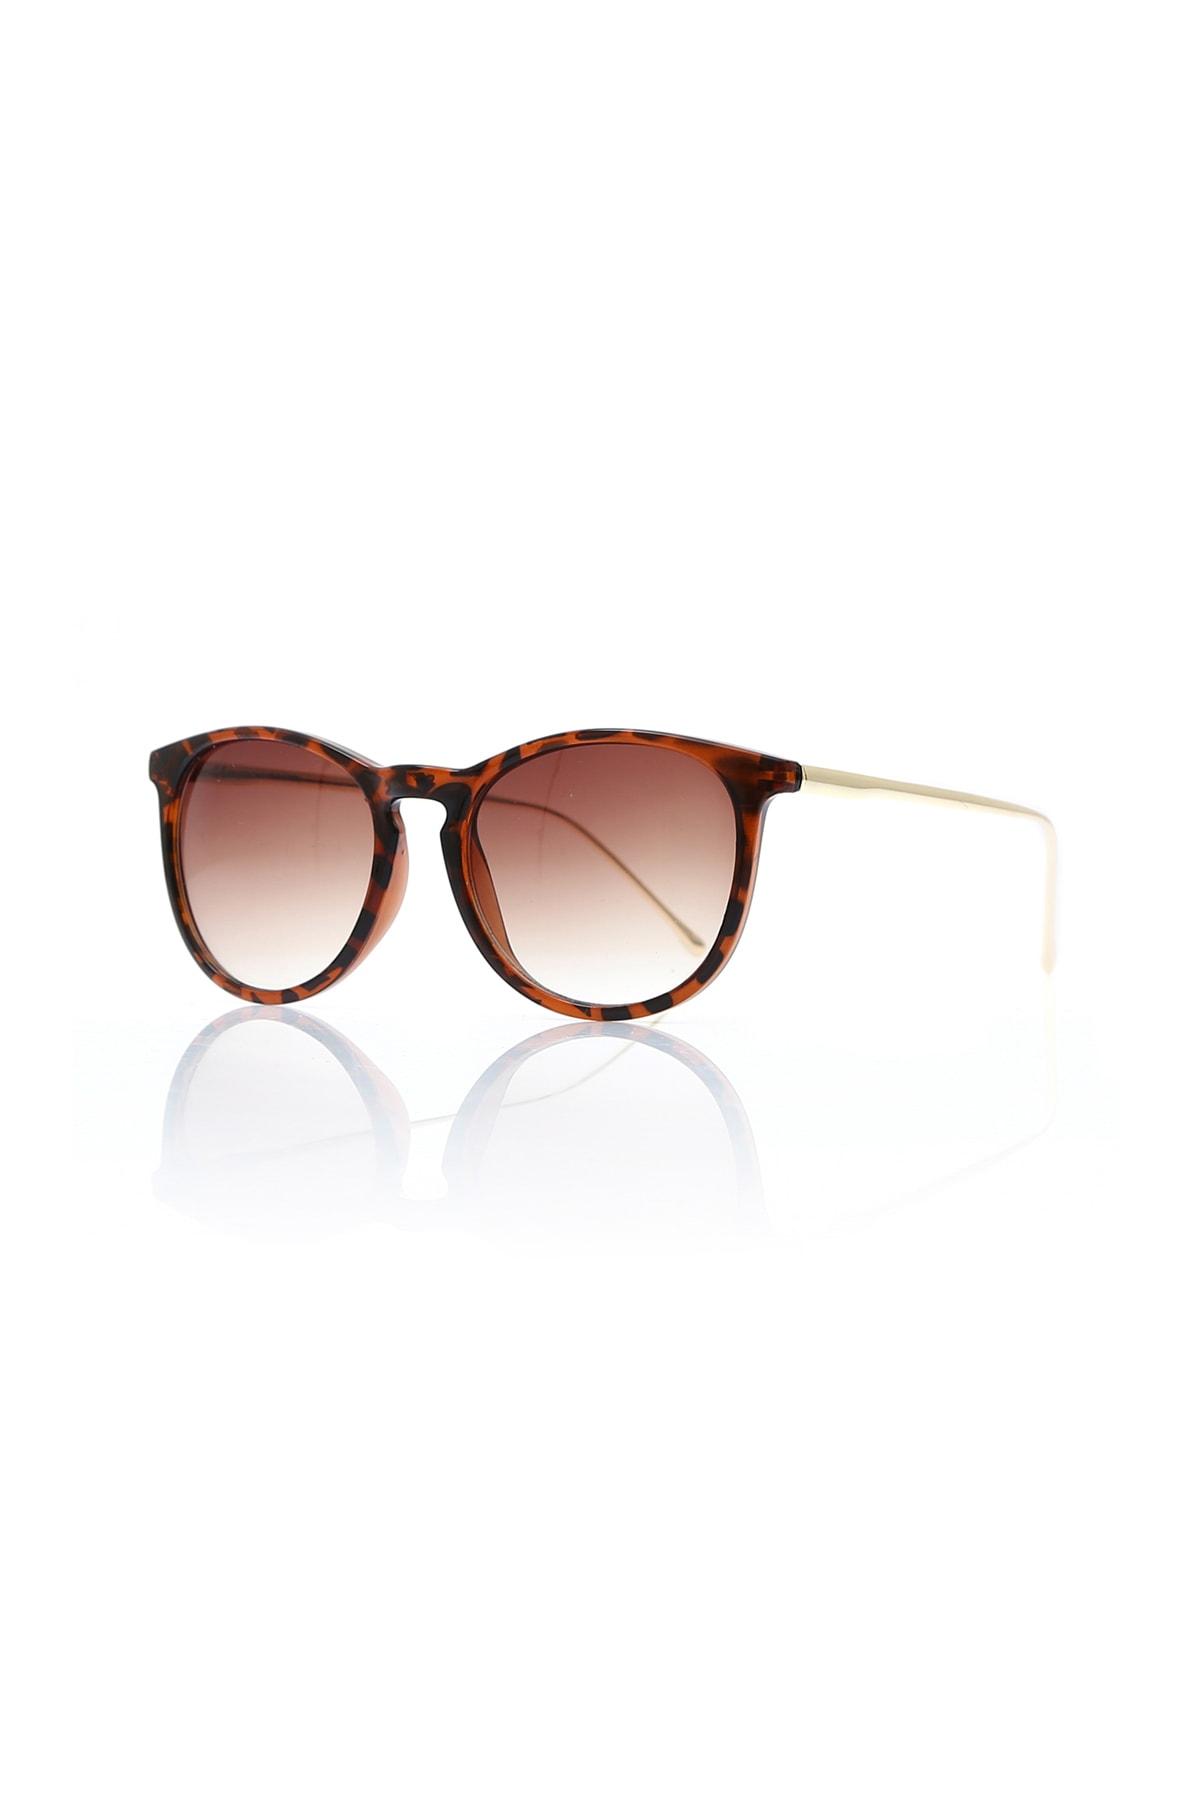 عینک آفتابی زنانه مجلسی برند By Harmony رنگ قهوه ای کد ty33002759